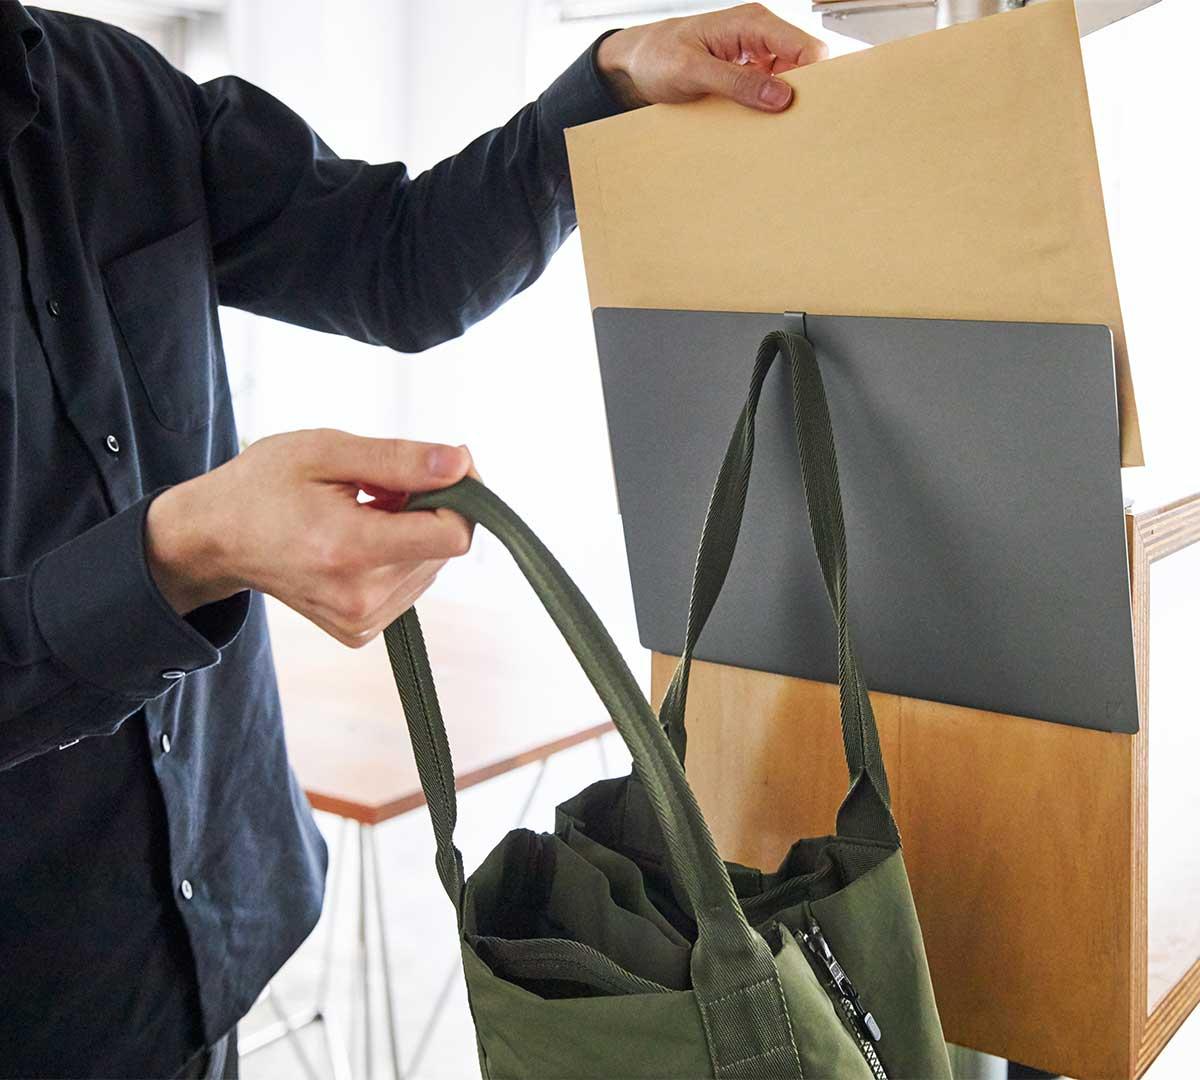 玄関に取りつけて、ポストに出す封筒やエコバッグを。デスクの書類を瞬時に片づけ、途中のタスクをすぐ再開できる「貼るデスクラック」|ZENLET The Rack(ゼンレット ザ ラック)